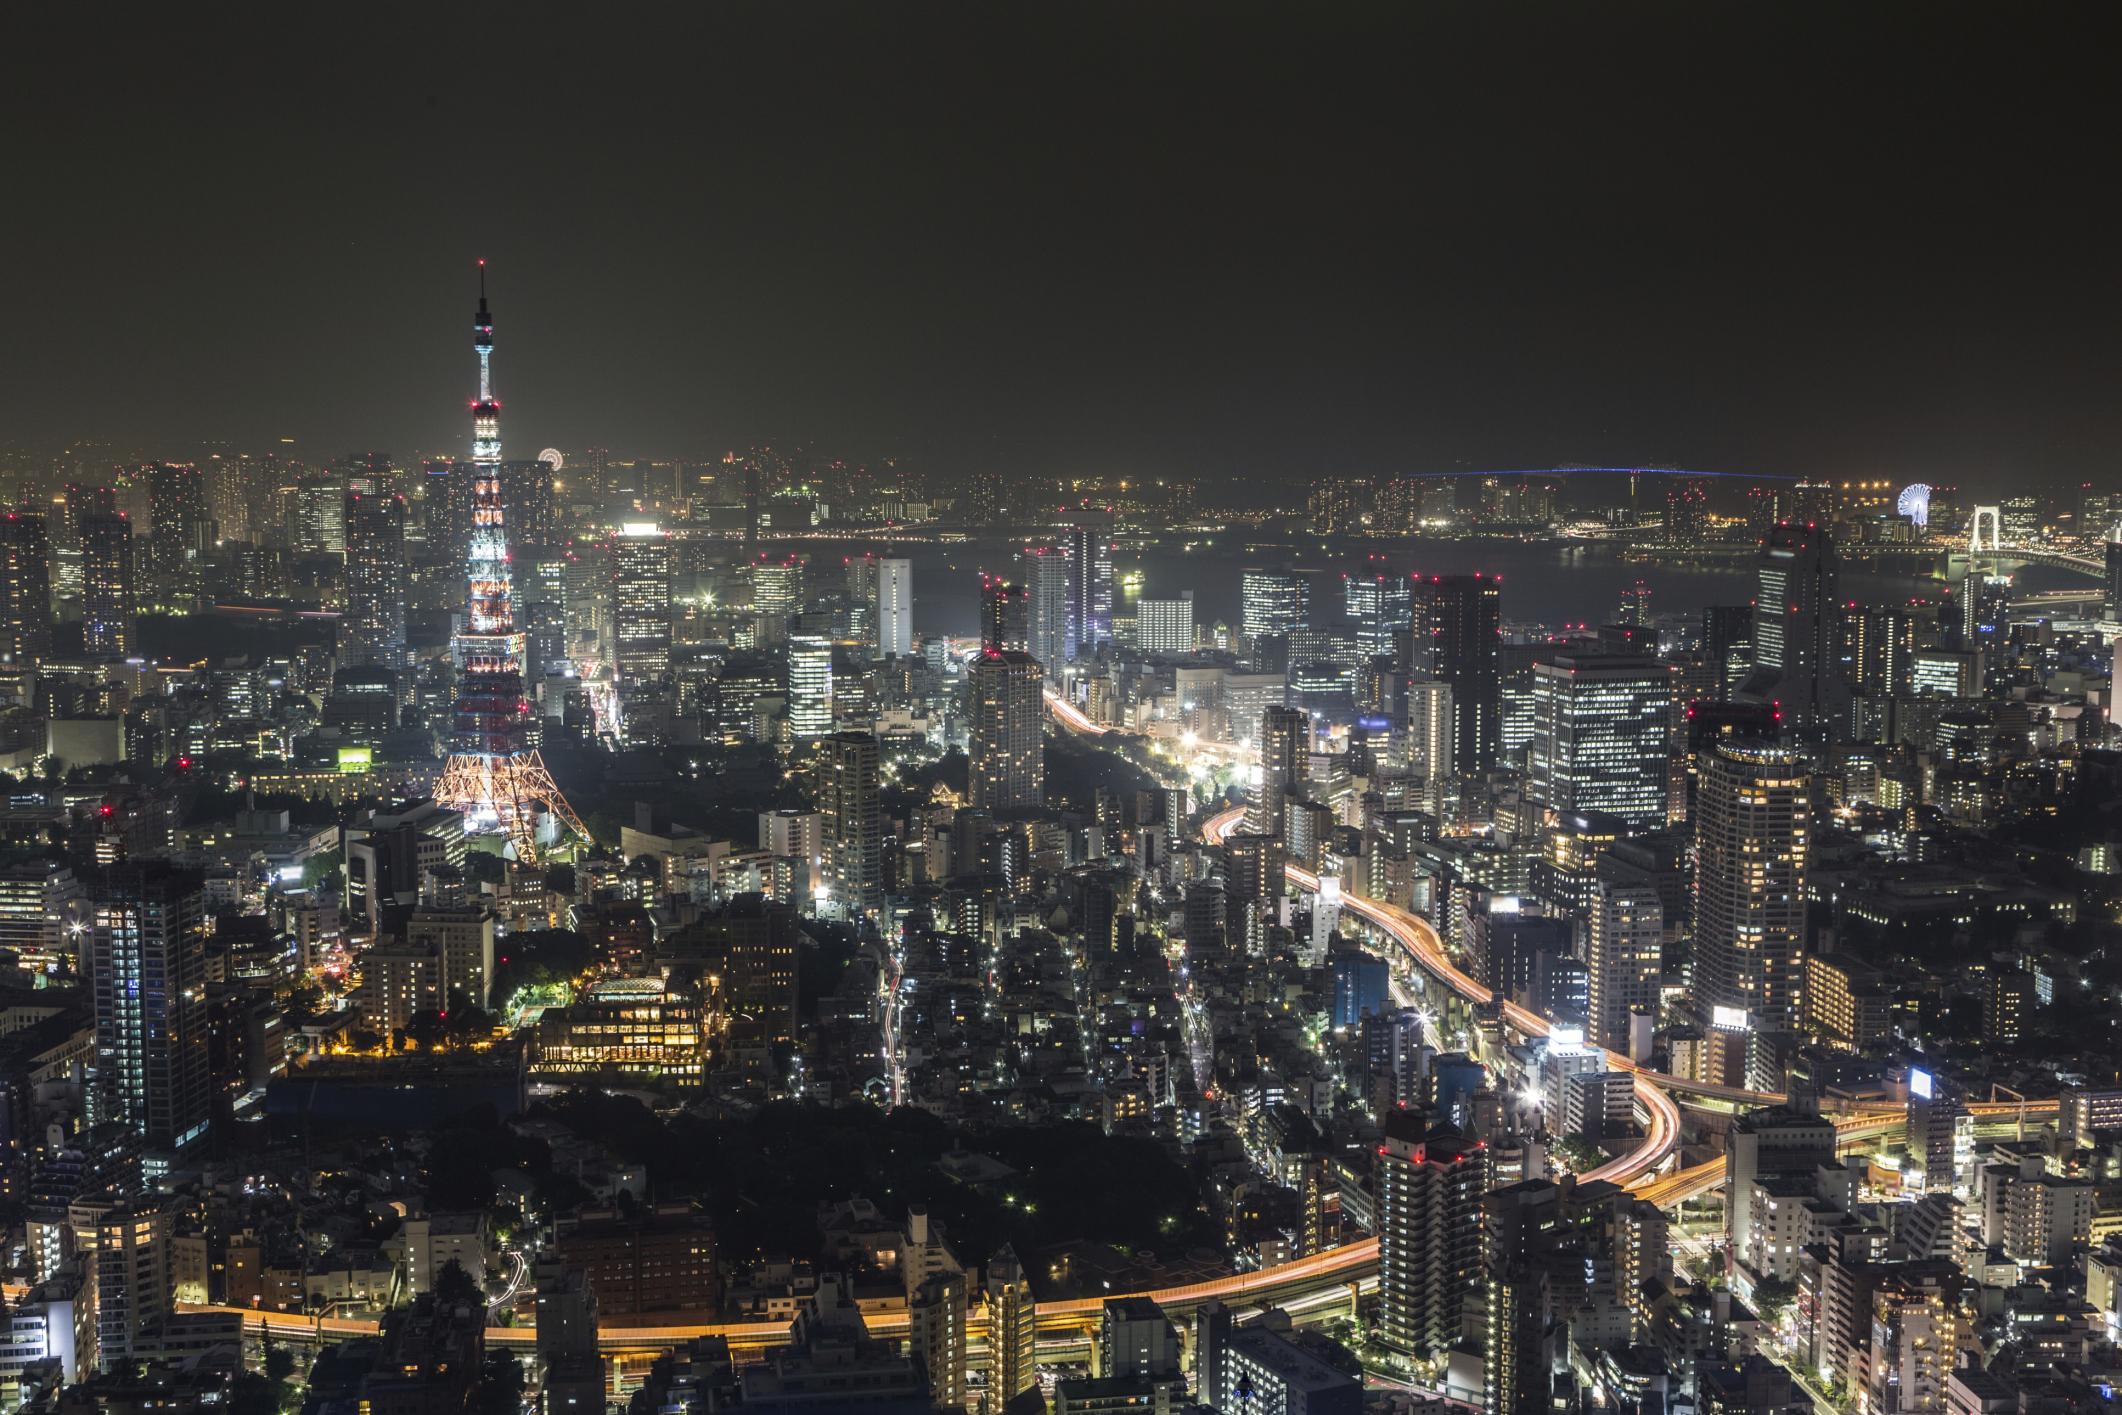 Смотровая площадка башни Mori Tower, Токио, Япония, Азия